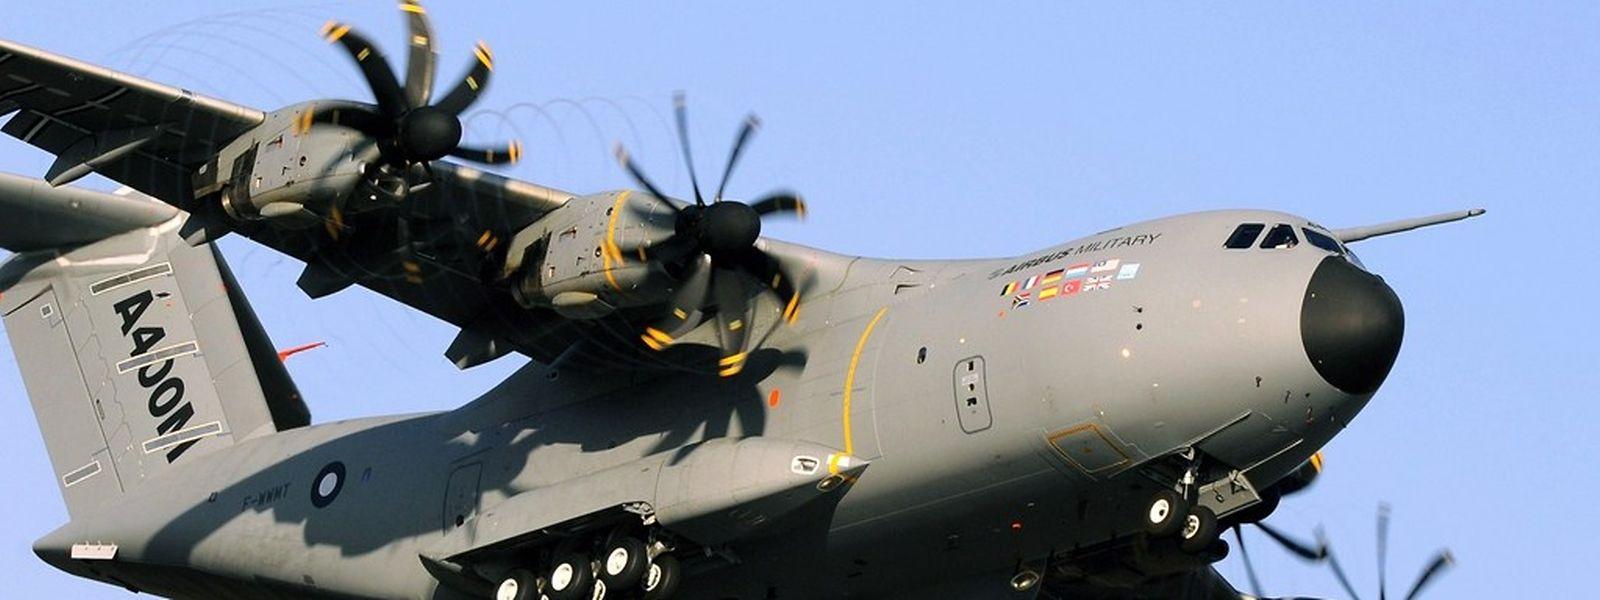 Das Militärflugzeug A400M wird nicht wie geplant nahe Brüssel stationiert, sondern im wallonischen Florennes.